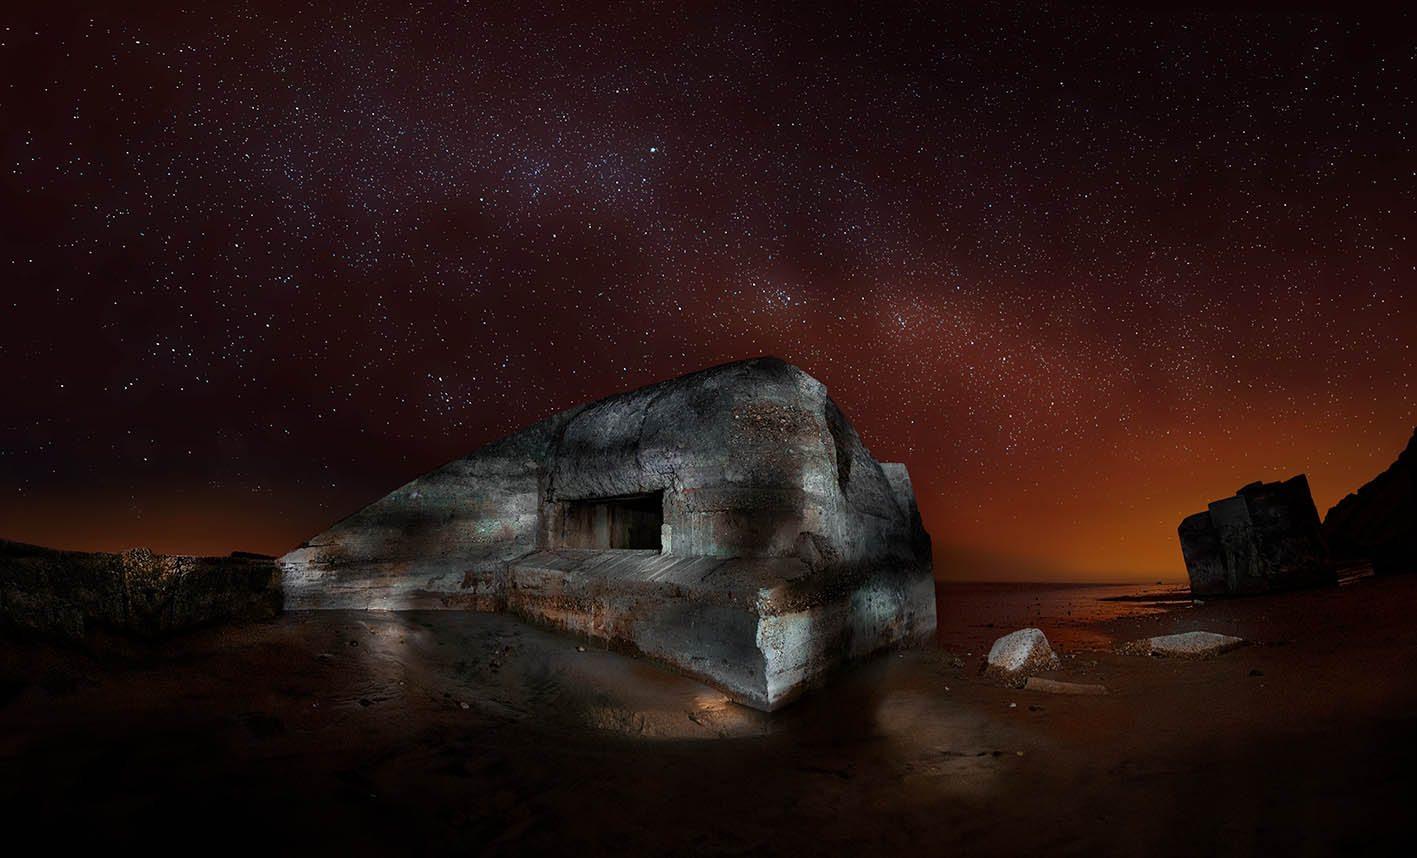 DSC00955_Naujac-sur-Mer_Bunker_Nachts_Sternenhimmel_WW-4-